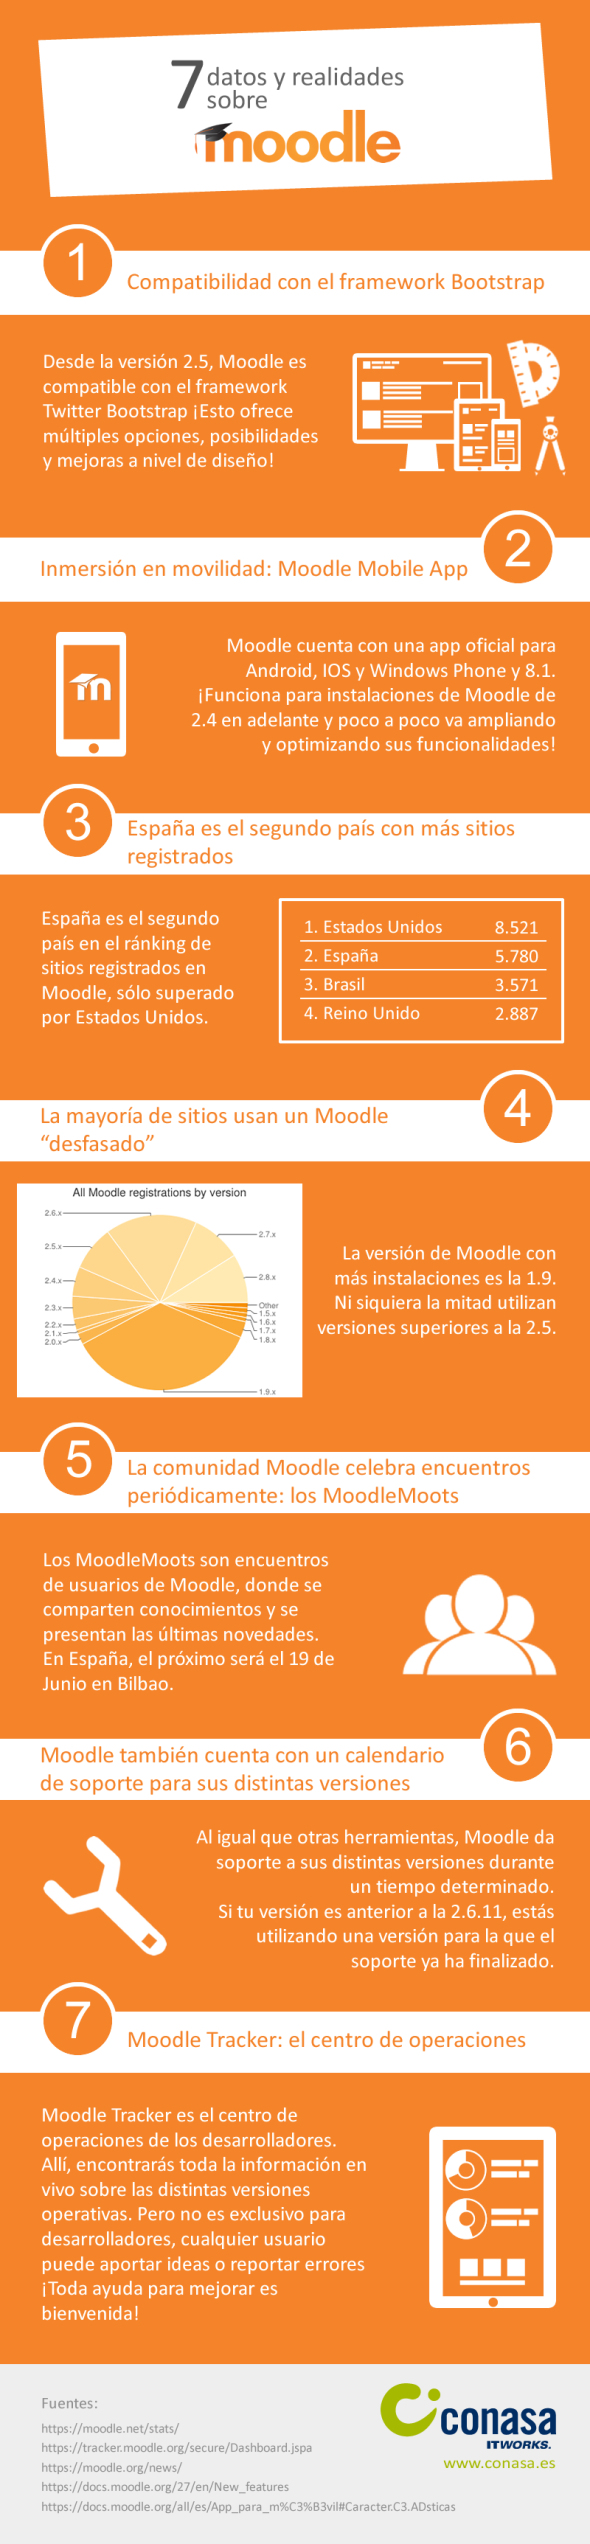 7 datos y realidades sobre Moodle que es interesante conocer